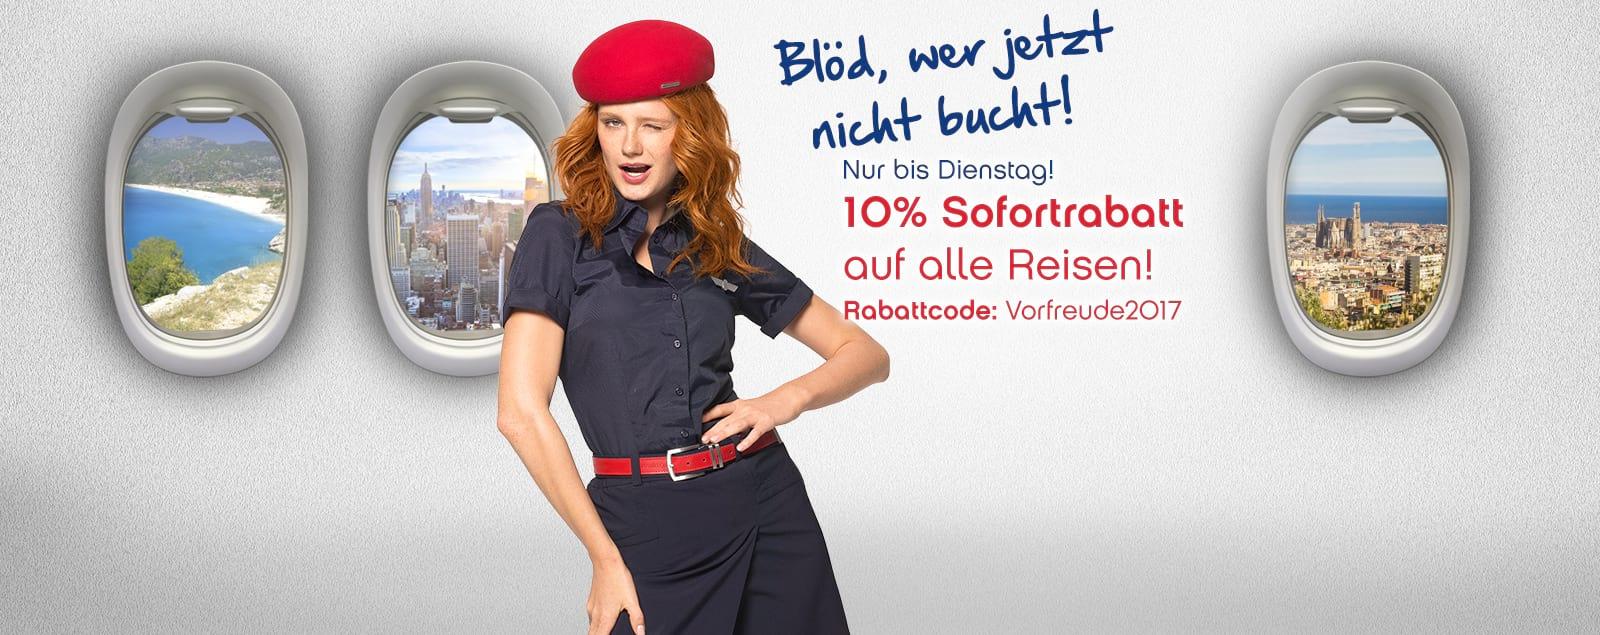 Nur noch heute -10 % Rabatt auf alle Reisen bei airberlin holidays